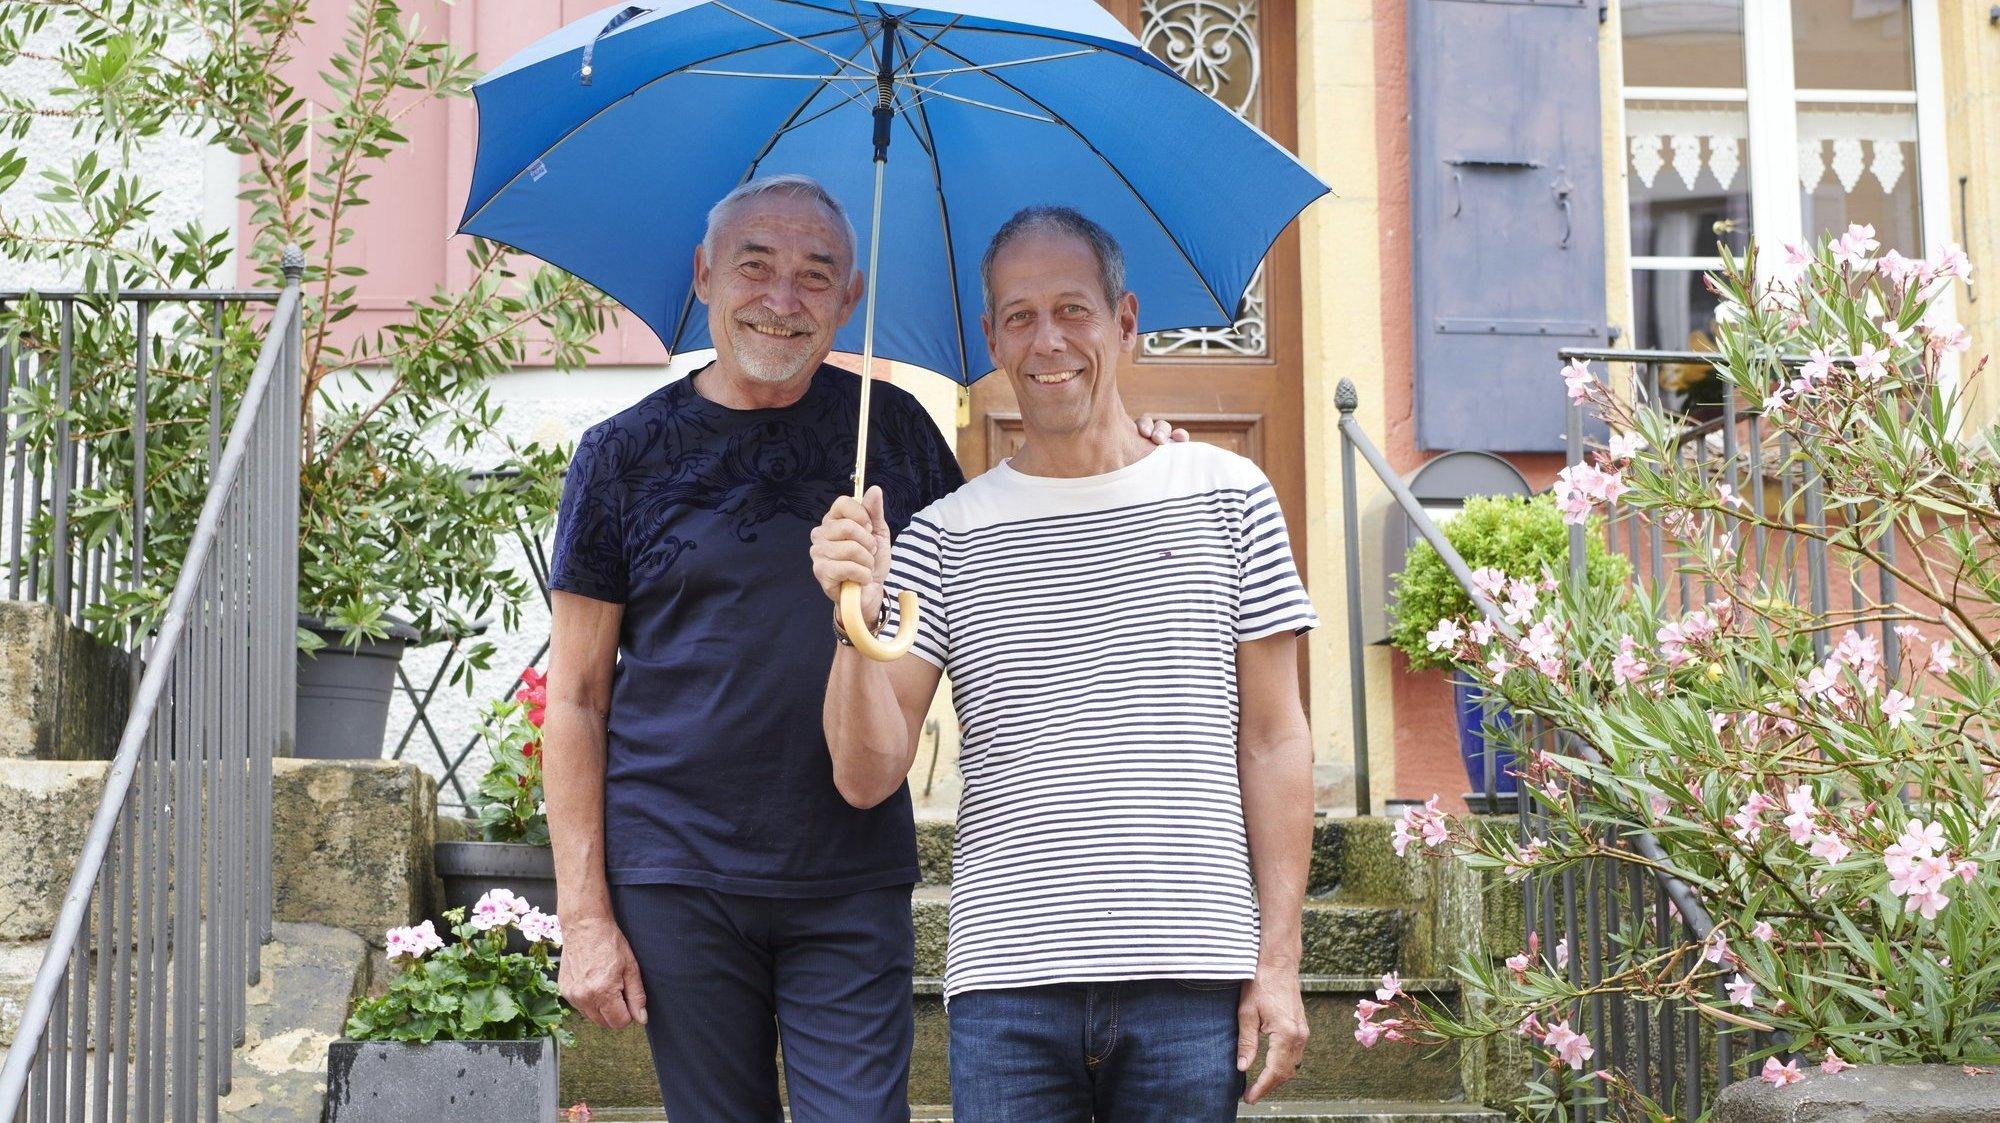 Alain Bovey (à gauche) et Christian Kuffer se sont pacsés au niveau cantonal en 2004, puis ont conclu un partenariat enregistré fédéral dès que cette possibilité a été offerte aux homosexuels en Suisse.